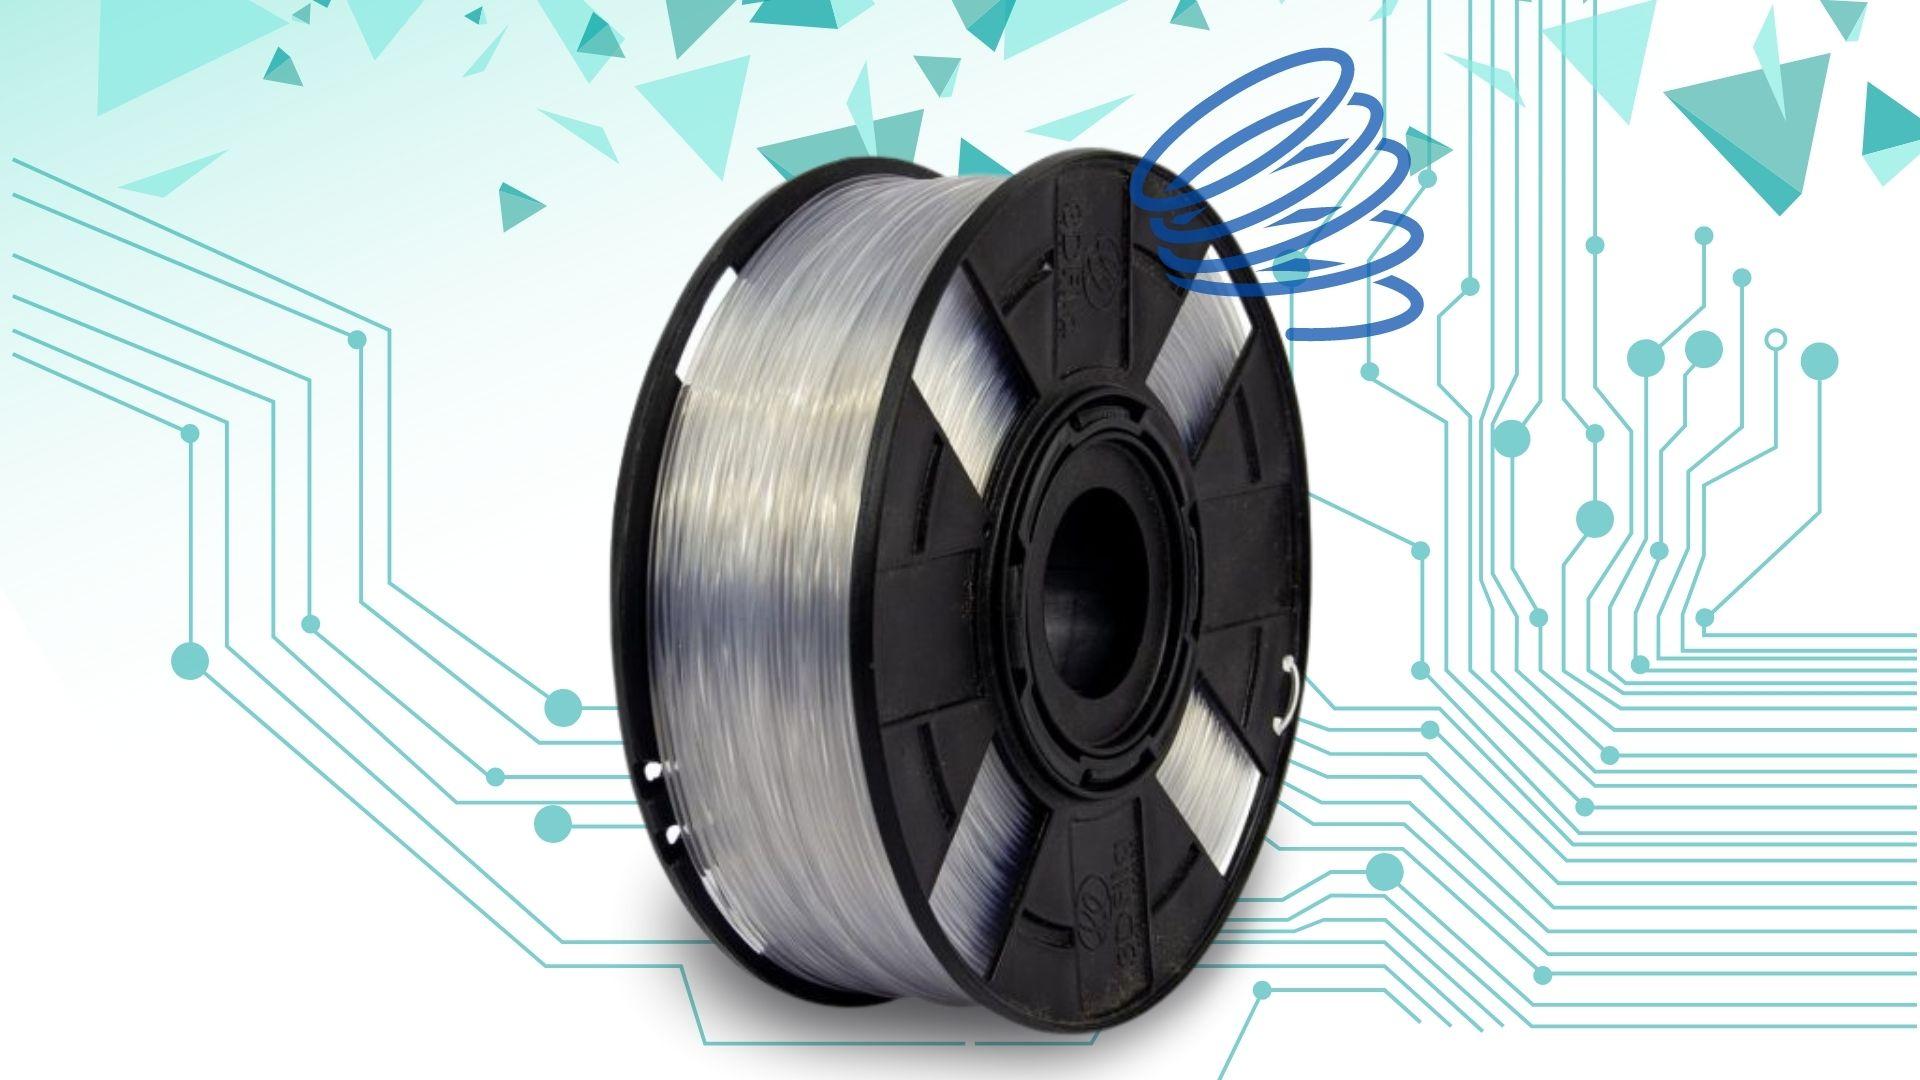 Foto de capa referente ao filamento Flexível